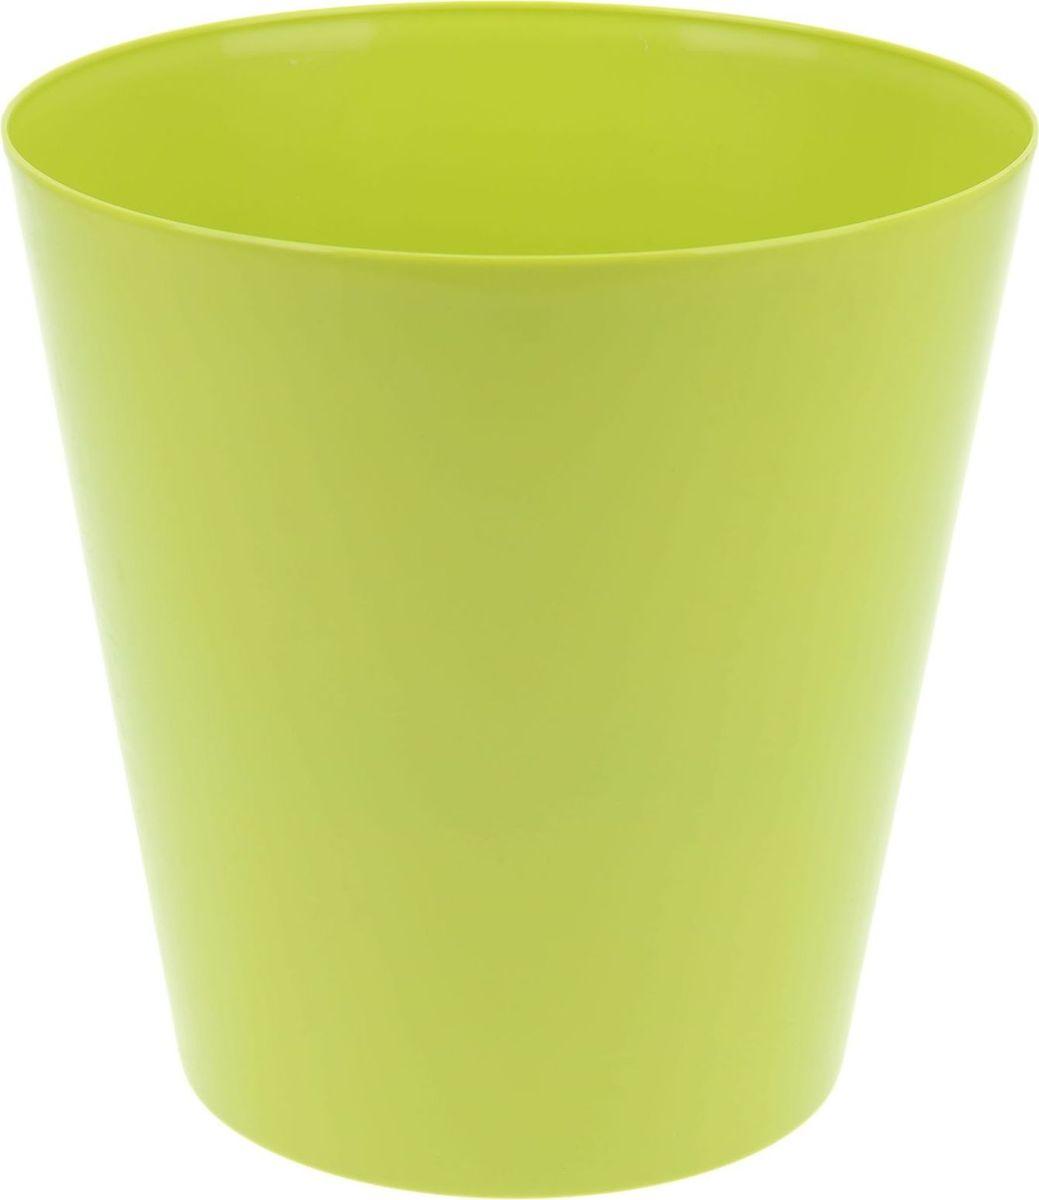 Кашпо Form plastic Вулкано, цвет: фисташковый, 19 х 19 х 19 см1324784Любой, даже самый современный и продуманный интерьер будет не завершённым без растений. Они не только очищают воздух и насыщают его кислородом, но и заметно украшают окружающее пространство. Такому полезному &laquo члену семьи&raquoпросто необходимо красивое и функциональное кашпо, оригинальный горшок или необычная ваза! Мы предлагаем - Кашпо 19 см Вулкано, цвет фисташковый!Оптимальный выбор материала &mdash &nbsp пластмасса! Почему мы так считаем? Малый вес. С лёгкостью переносите горшки и кашпо с места на место, ставьте их на столики или полки, подвешивайте под потолок, не беспокоясь о нагрузке. Простота ухода. Пластиковые изделия не нуждаются в специальных условиях хранения. Их&nbsp легко чистить &mdashдостаточно просто сполоснуть тёплой водой. Никаких царапин. Пластиковые кашпо не царапают и не загрязняют поверхности, на которых стоят. Пластик дольше хранит влагу, а значит &mdashрастение реже нуждается в поливе. Пластмасса не пропускает воздух &mdashкорневой системе растения не грозят резкие перепады температур. Огромный выбор форм, декора и расцветок &mdashвы без труда подберёте что-то, что идеально впишется в уже существующий интерьер.Соблюдая нехитрые правила ухода, вы можете заметно продлить срок службы горшков, вазонов и кашпо из пластика: всегда учитывайте размер кроны и корневой системы растения (при разрастании большое растение способно повредить маленький горшок)берегите изделие от воздействия прямых солнечных лучей, чтобы кашпо и горшки не выцветалидержите кашпо и горшки из пластика подальше от нагревающихся поверхностей.Создавайте прекрасные цветочные композиции, выращивайте рассаду или необычные растения, а низкие цены позволят вам не ограничивать себя в выборе.